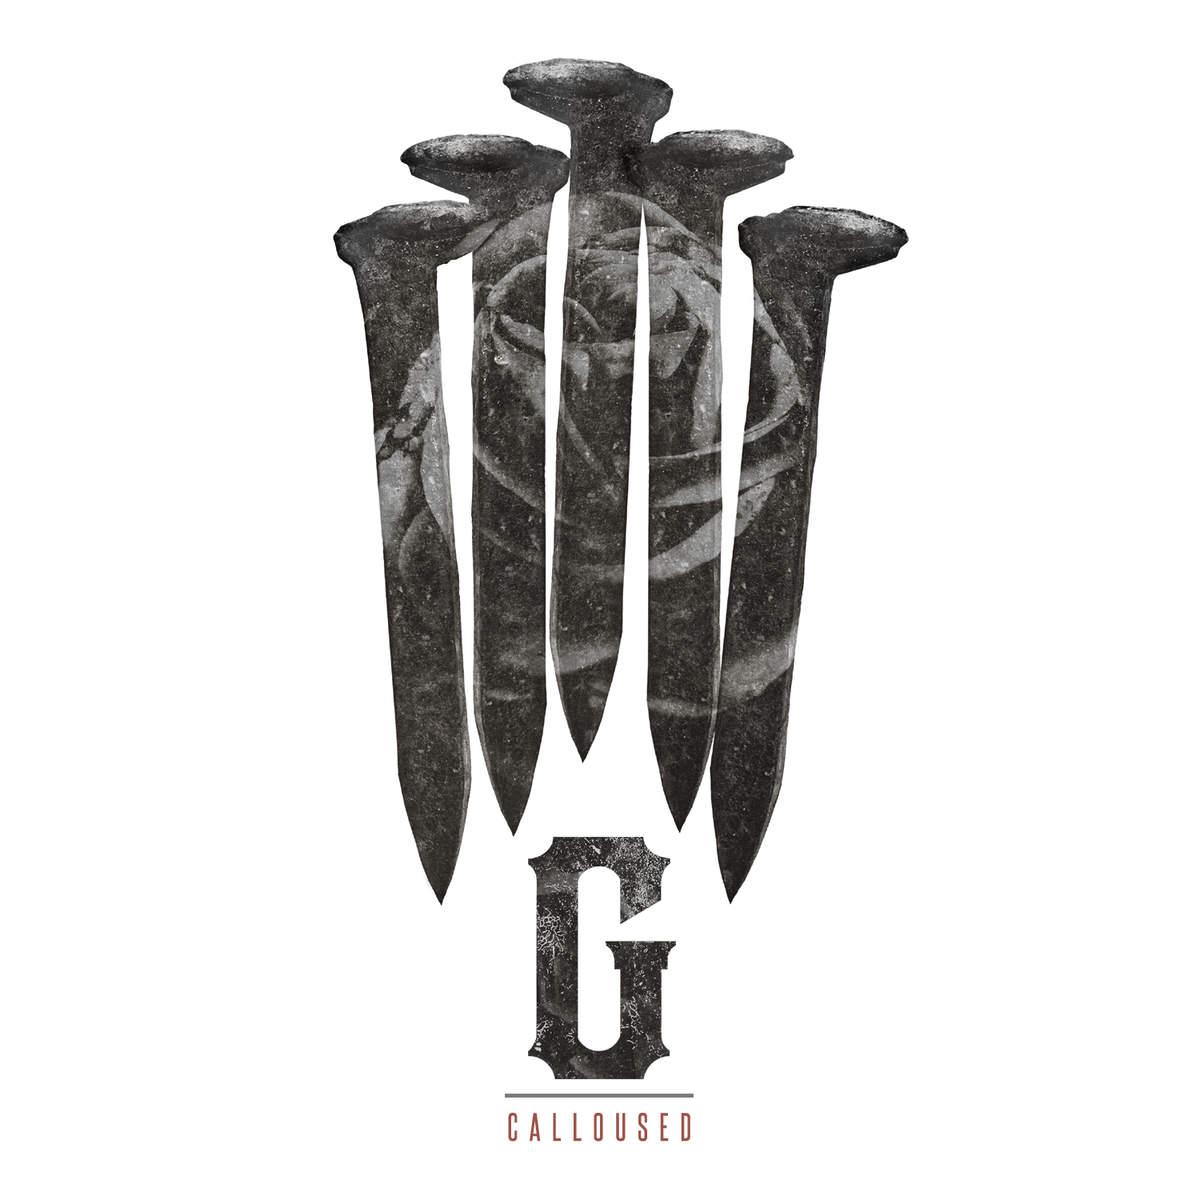 Gideon - Calloused (2014)